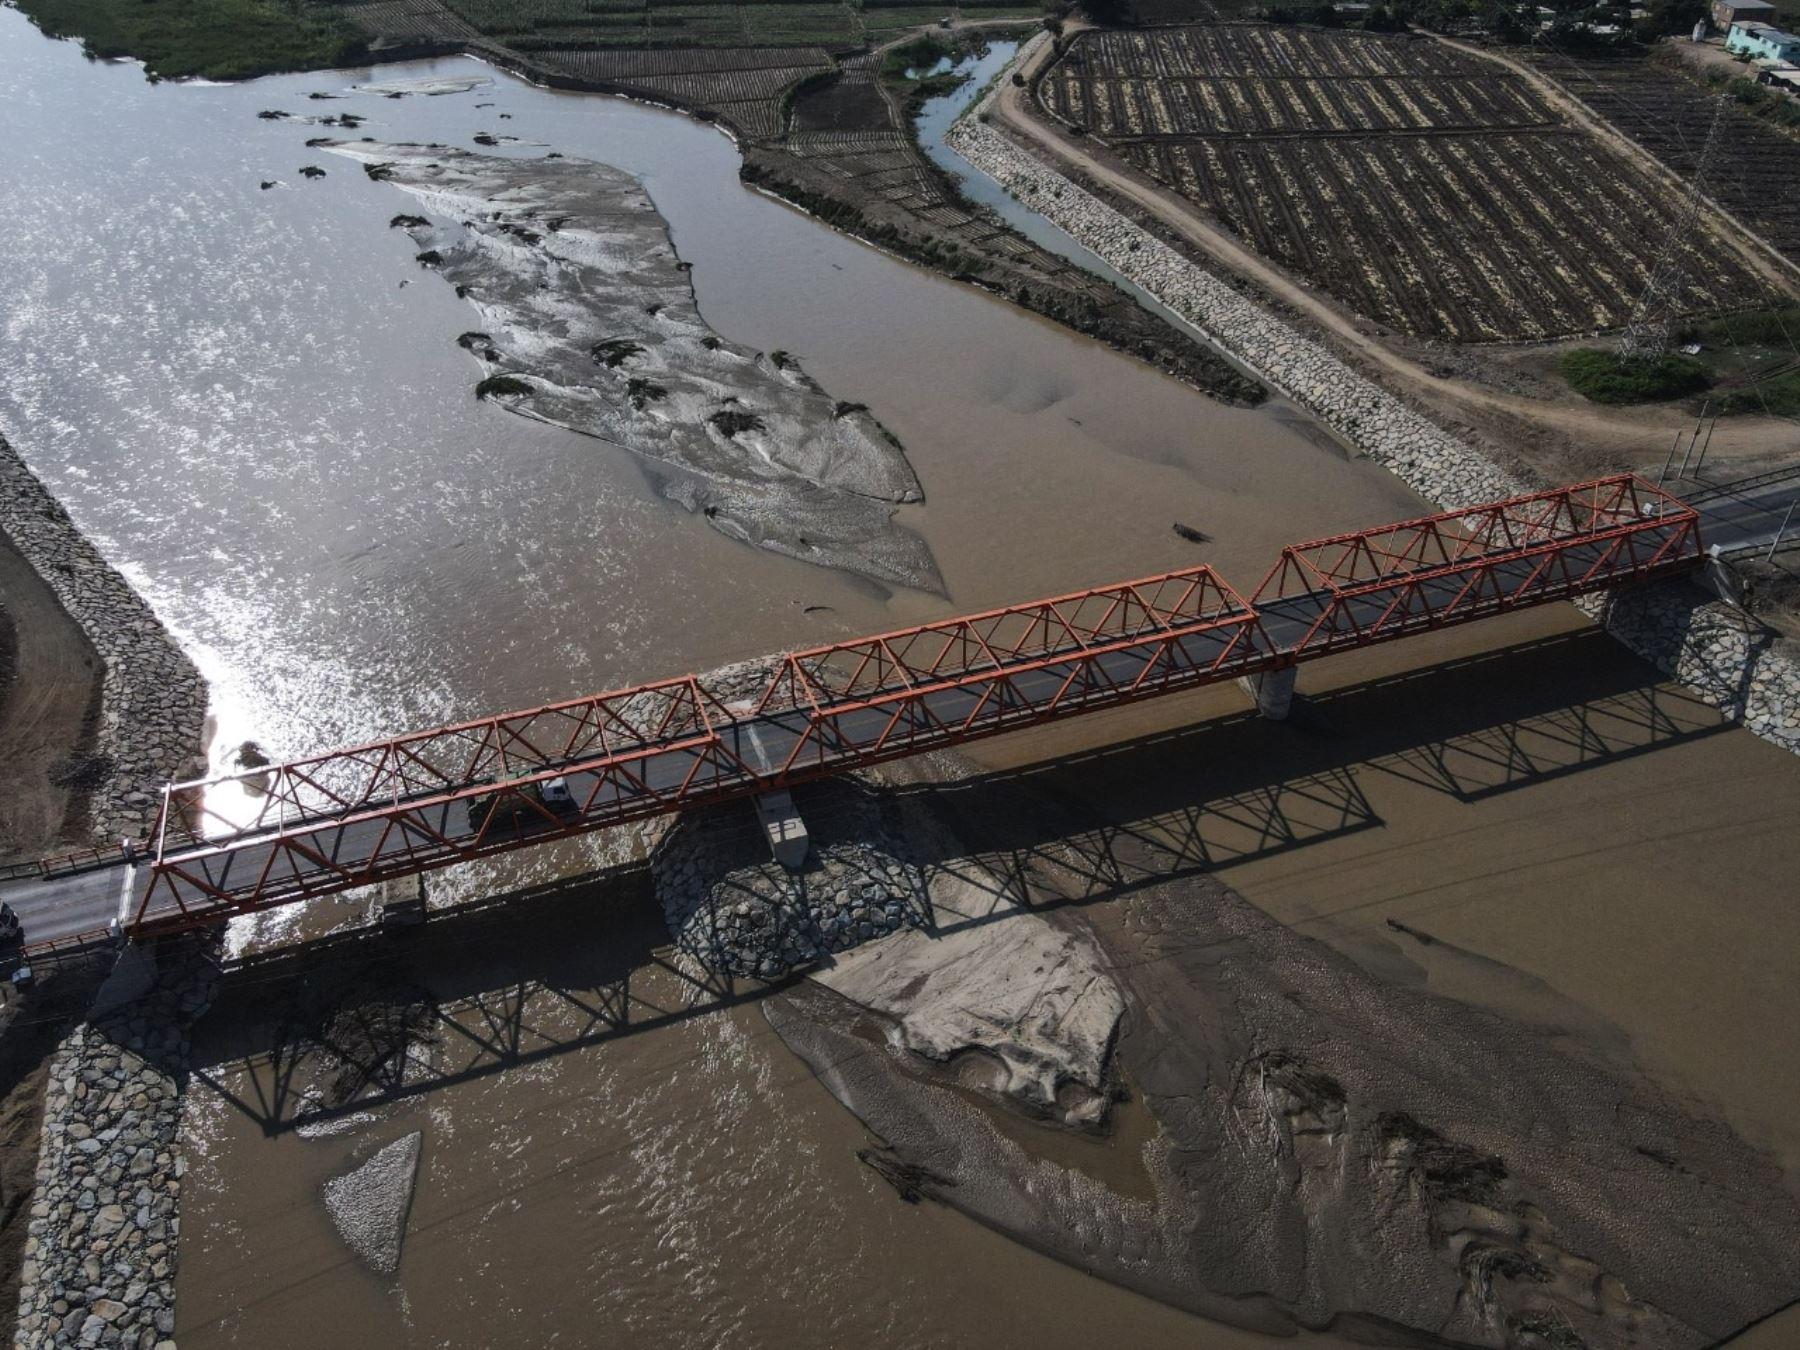 Lambayeque pone en marcha el puente Reque, que reemplaza a la infraestructura que sufrió daños a consecuencia del Fenómeno El Niño costero de 2017. ANDINA/Difusión